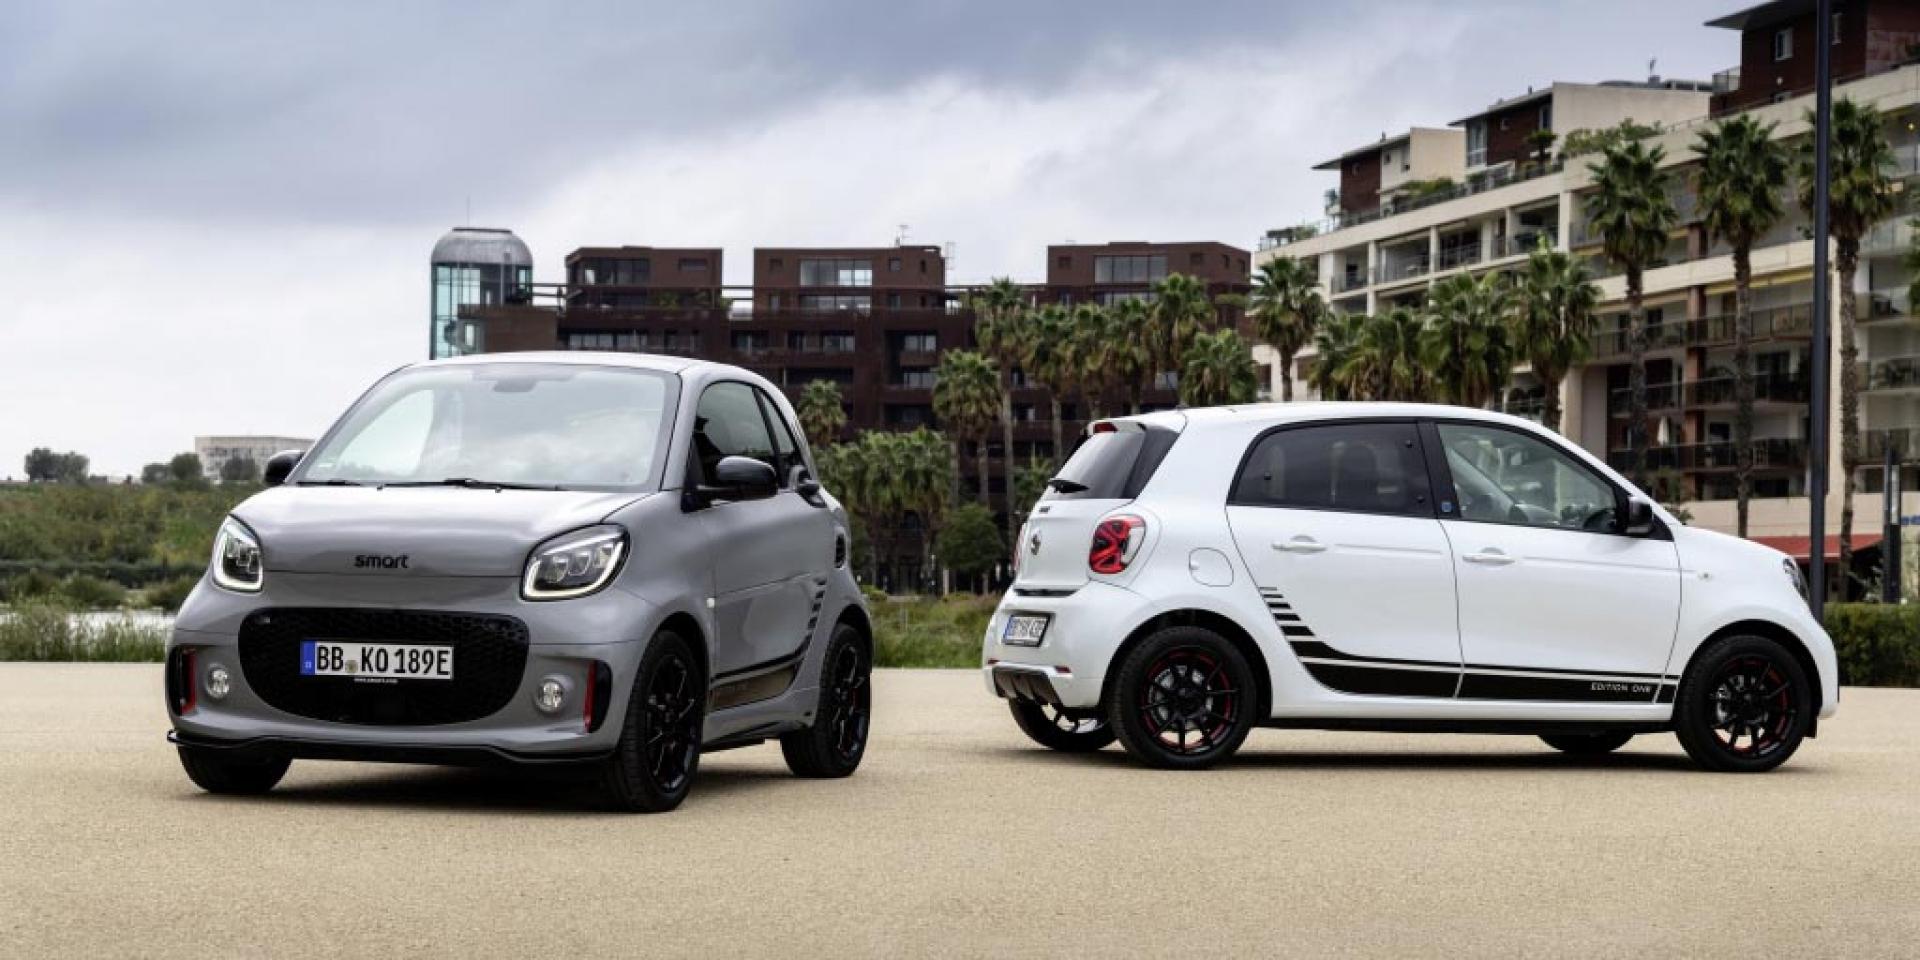 討個好「吉利」,Smart宣佈與中國吉利汽車成立合資公司